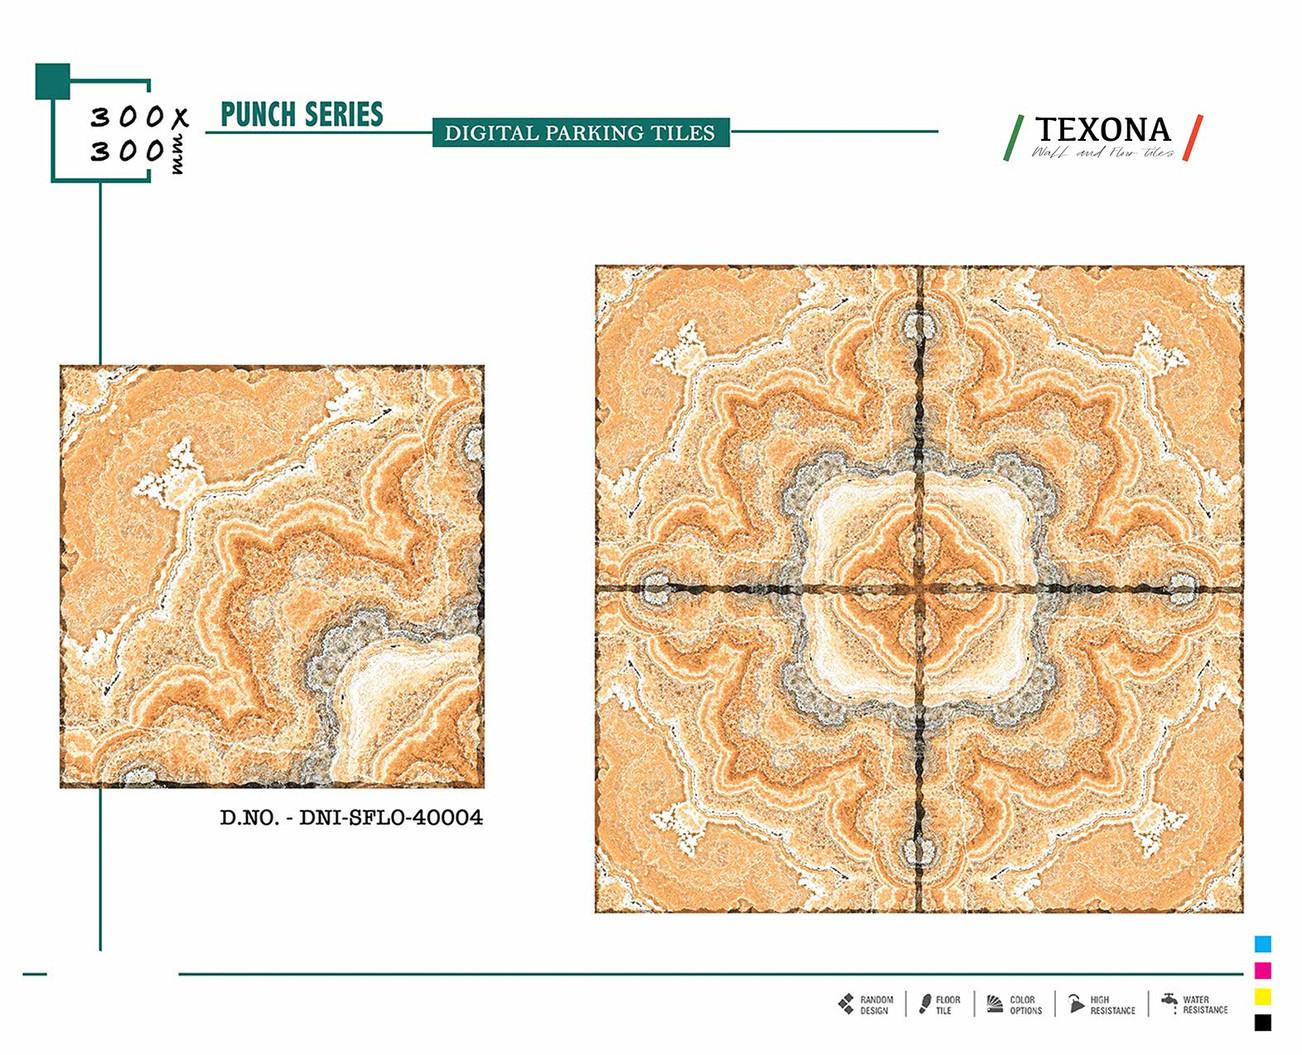 12X12 PARKING VOL.2_Page_09_Image_0001.j